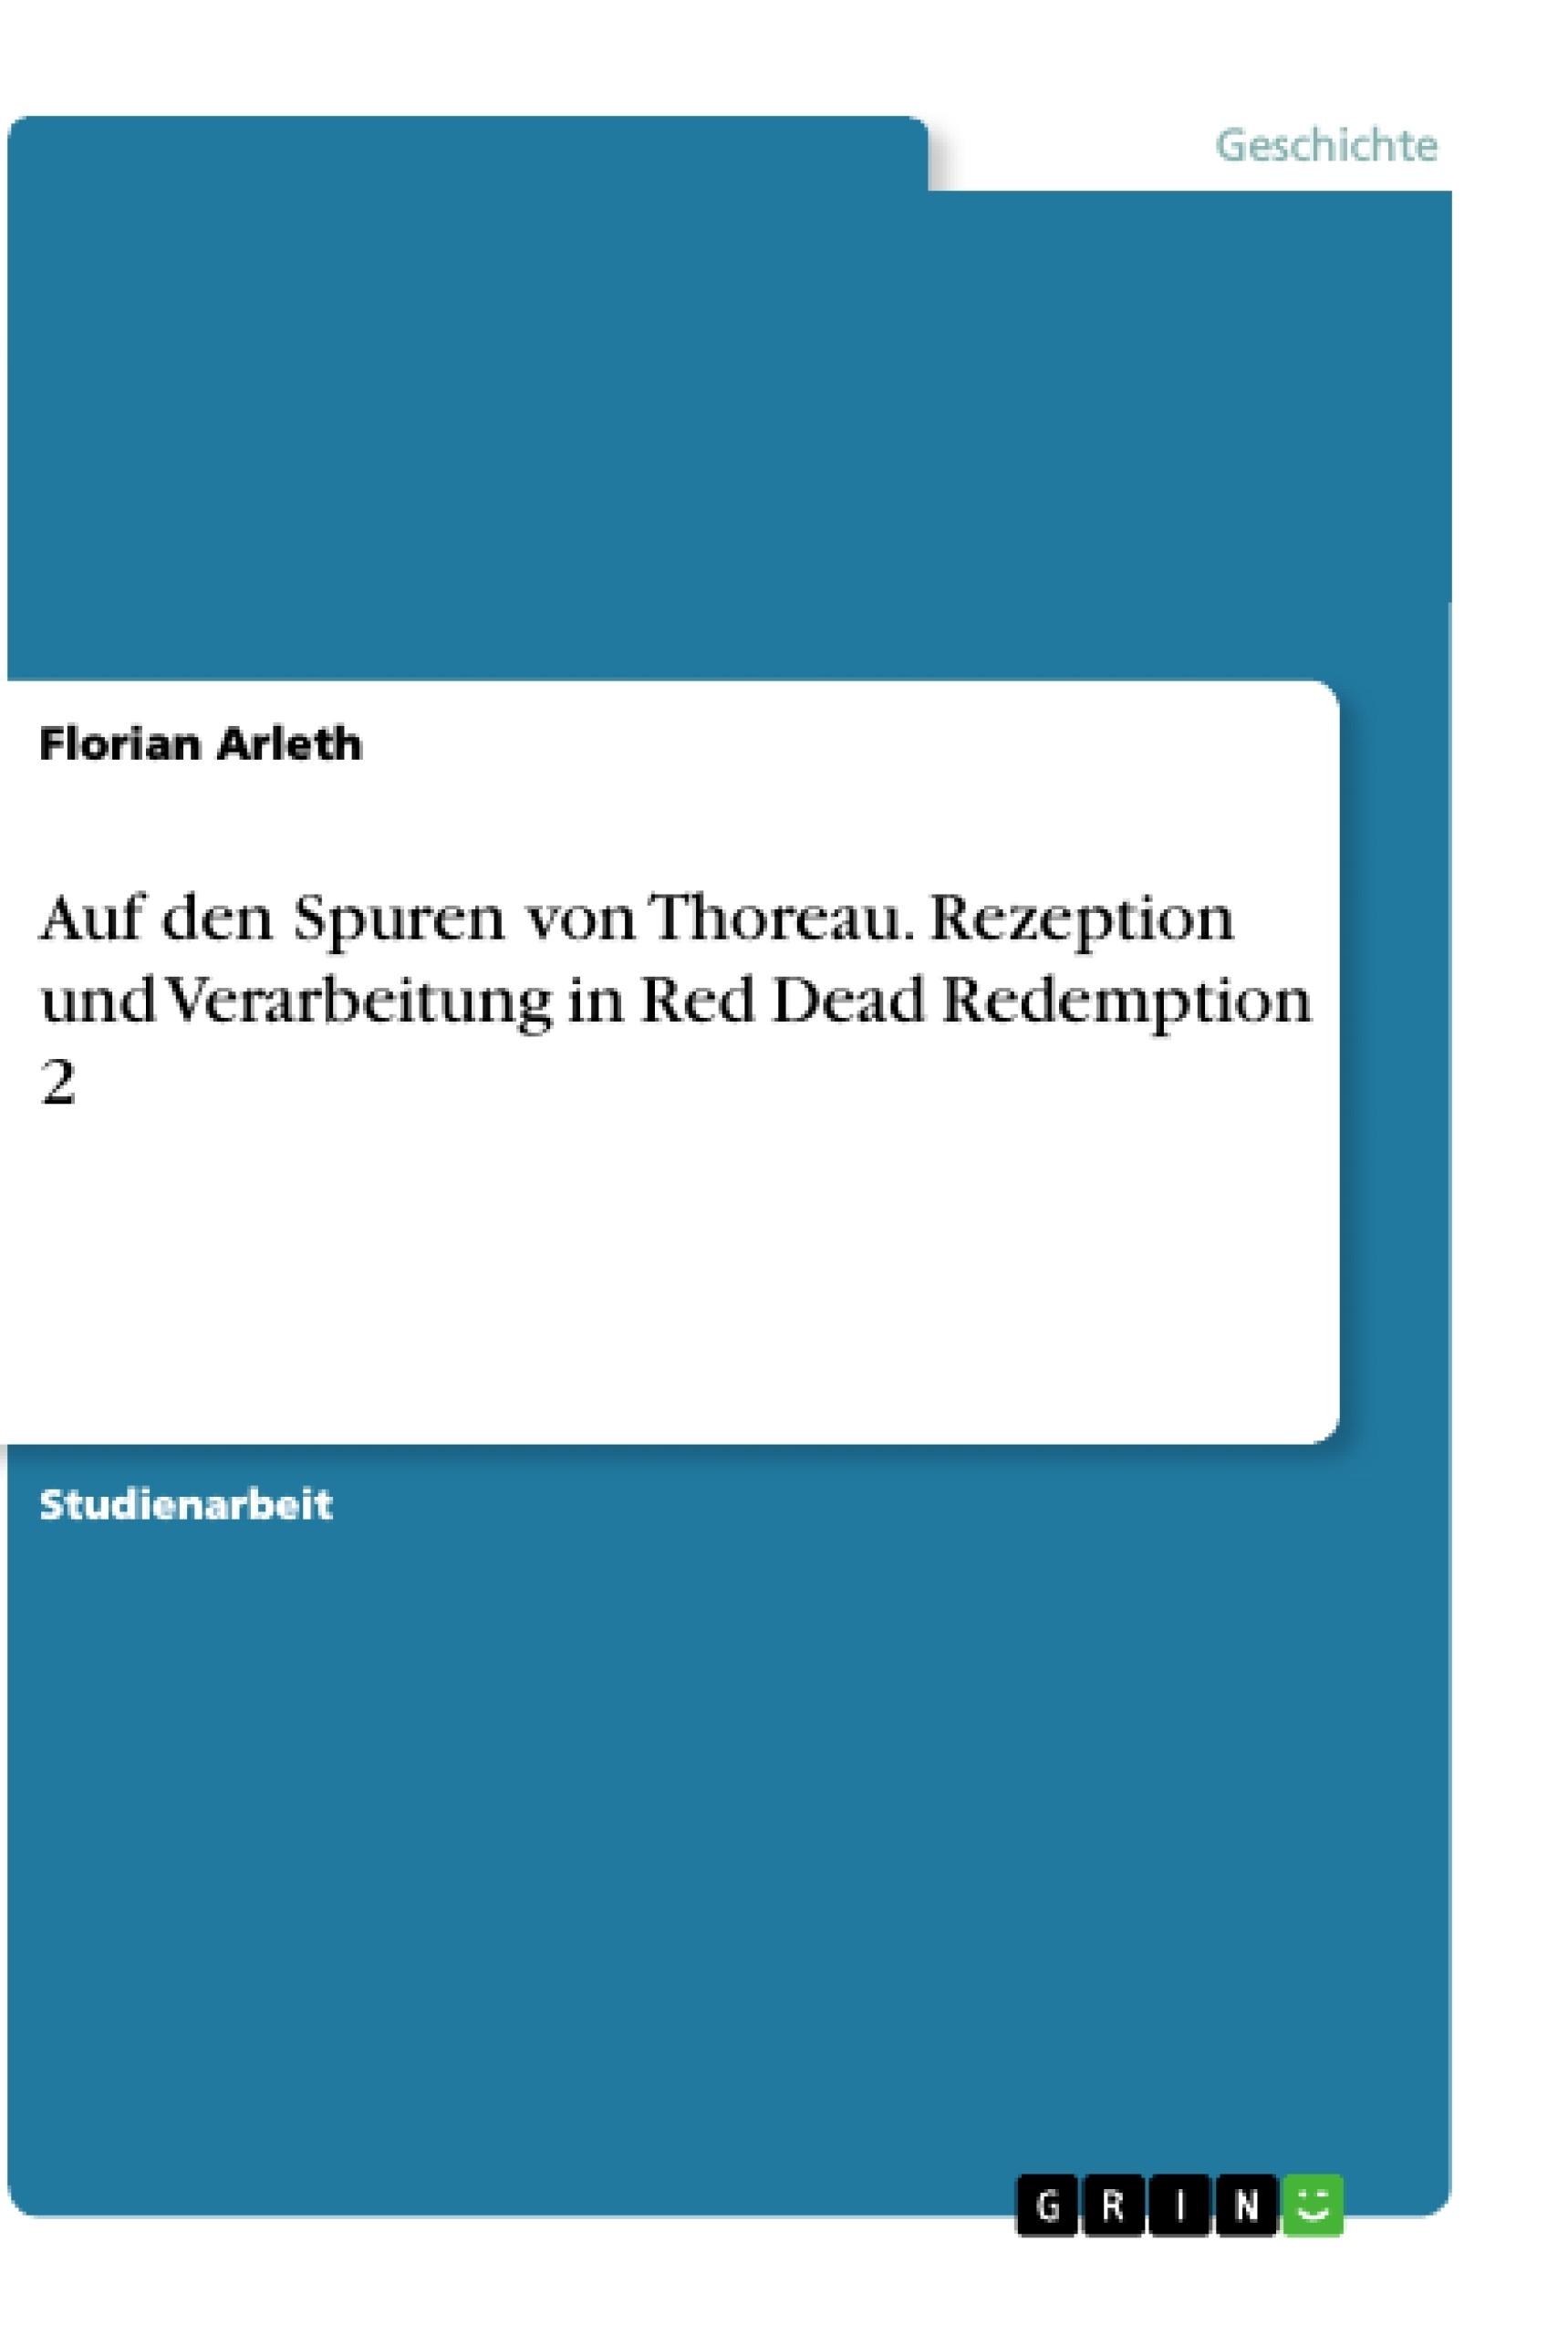 Titel: Auf den Spuren von Thoreau. Rezeption und Verarbeitung in Red Dead Redemption 2